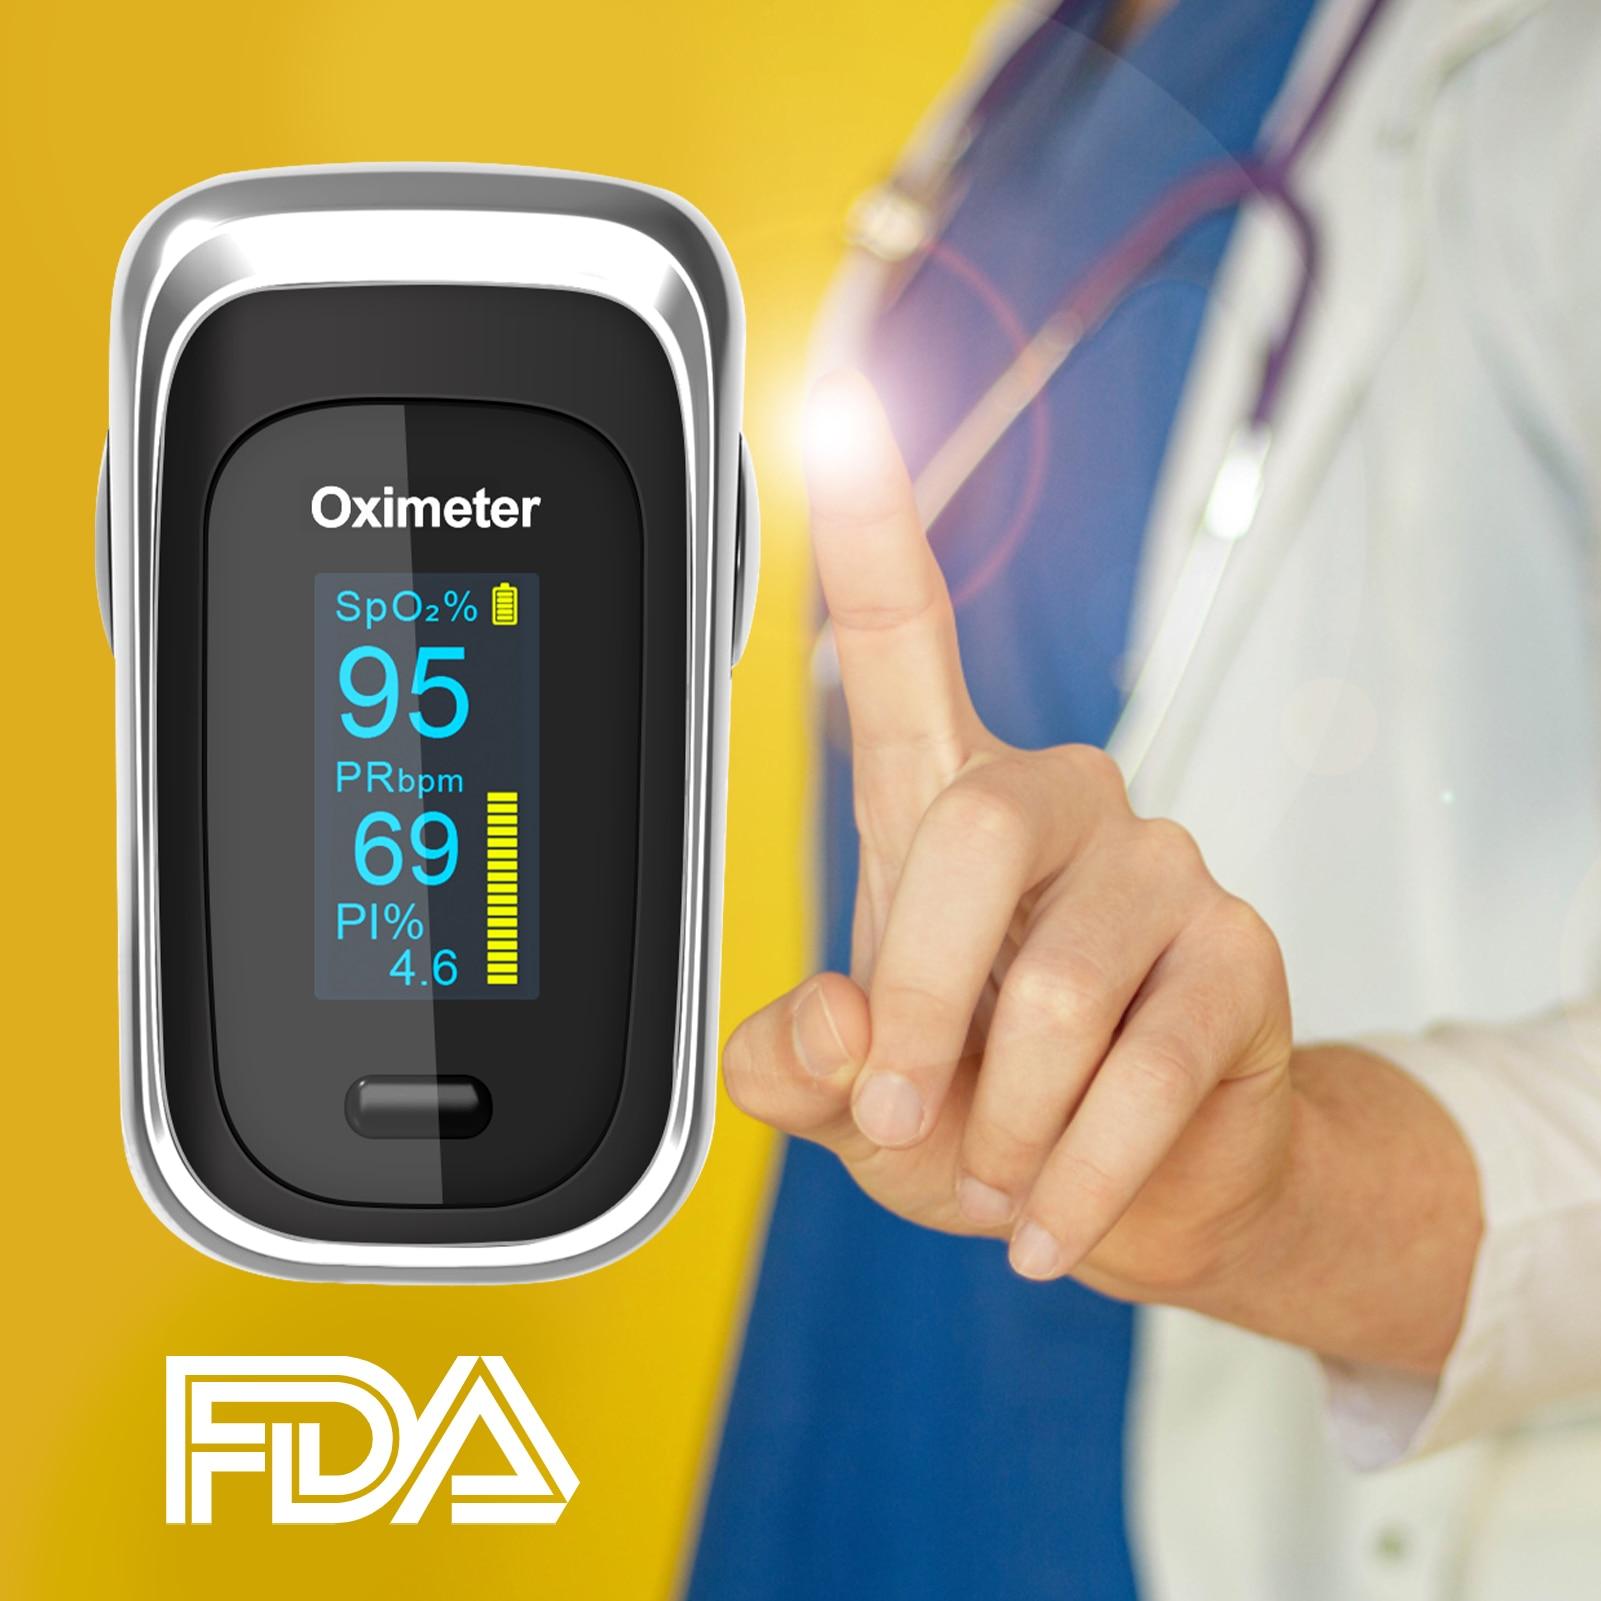 Пульсоксиметр профессиональный, прибор для измерения пульса и уровня кислорода в крови, с OLED-экраном